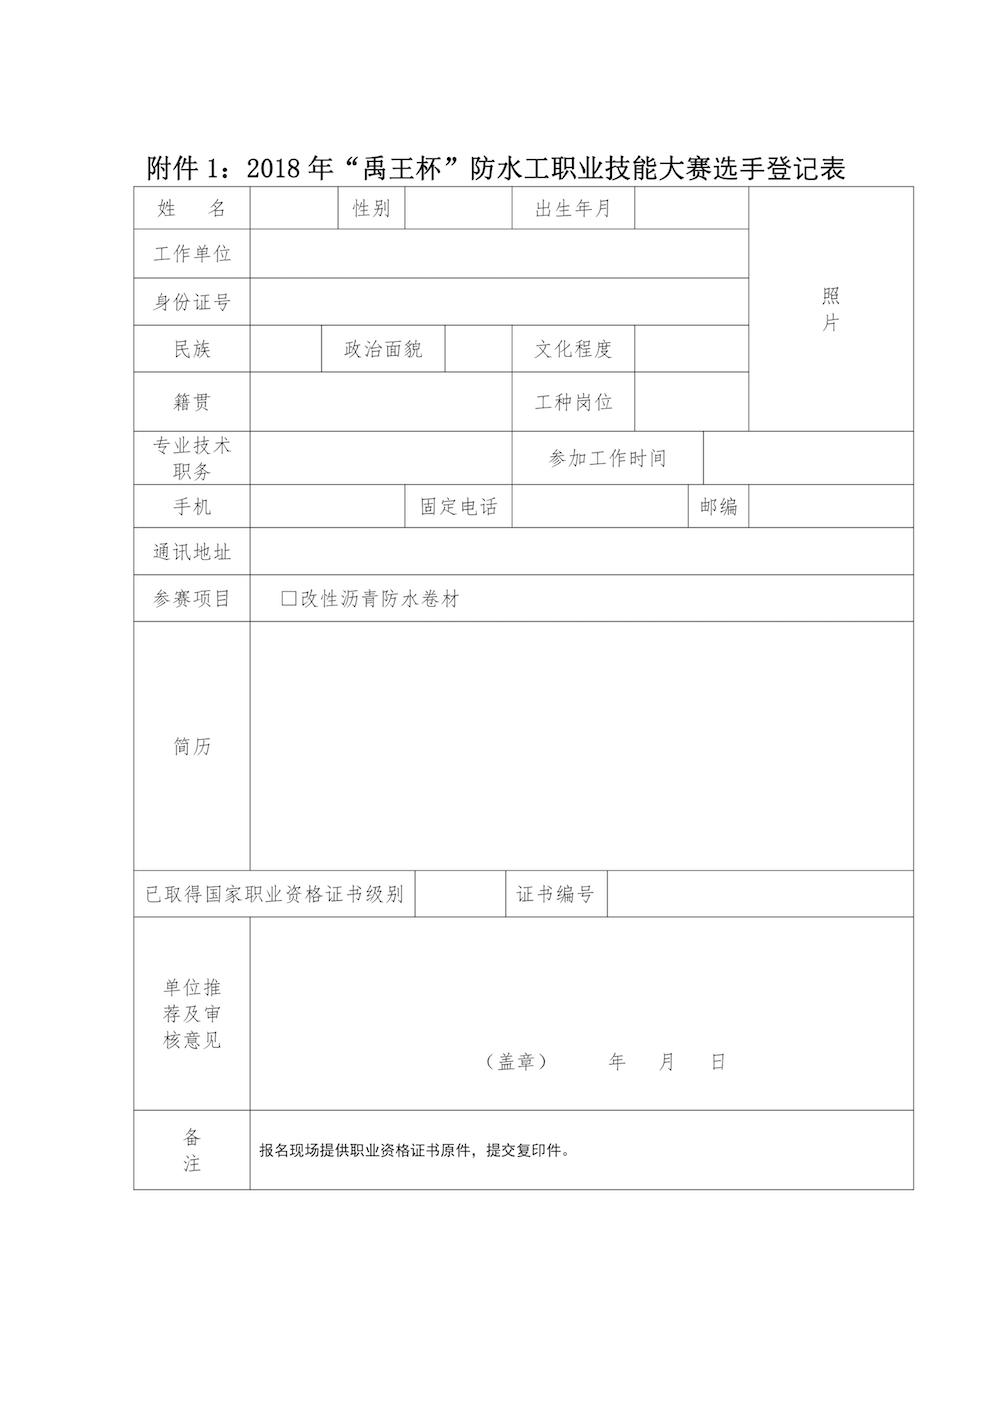 2018年技能大赛05.jpg